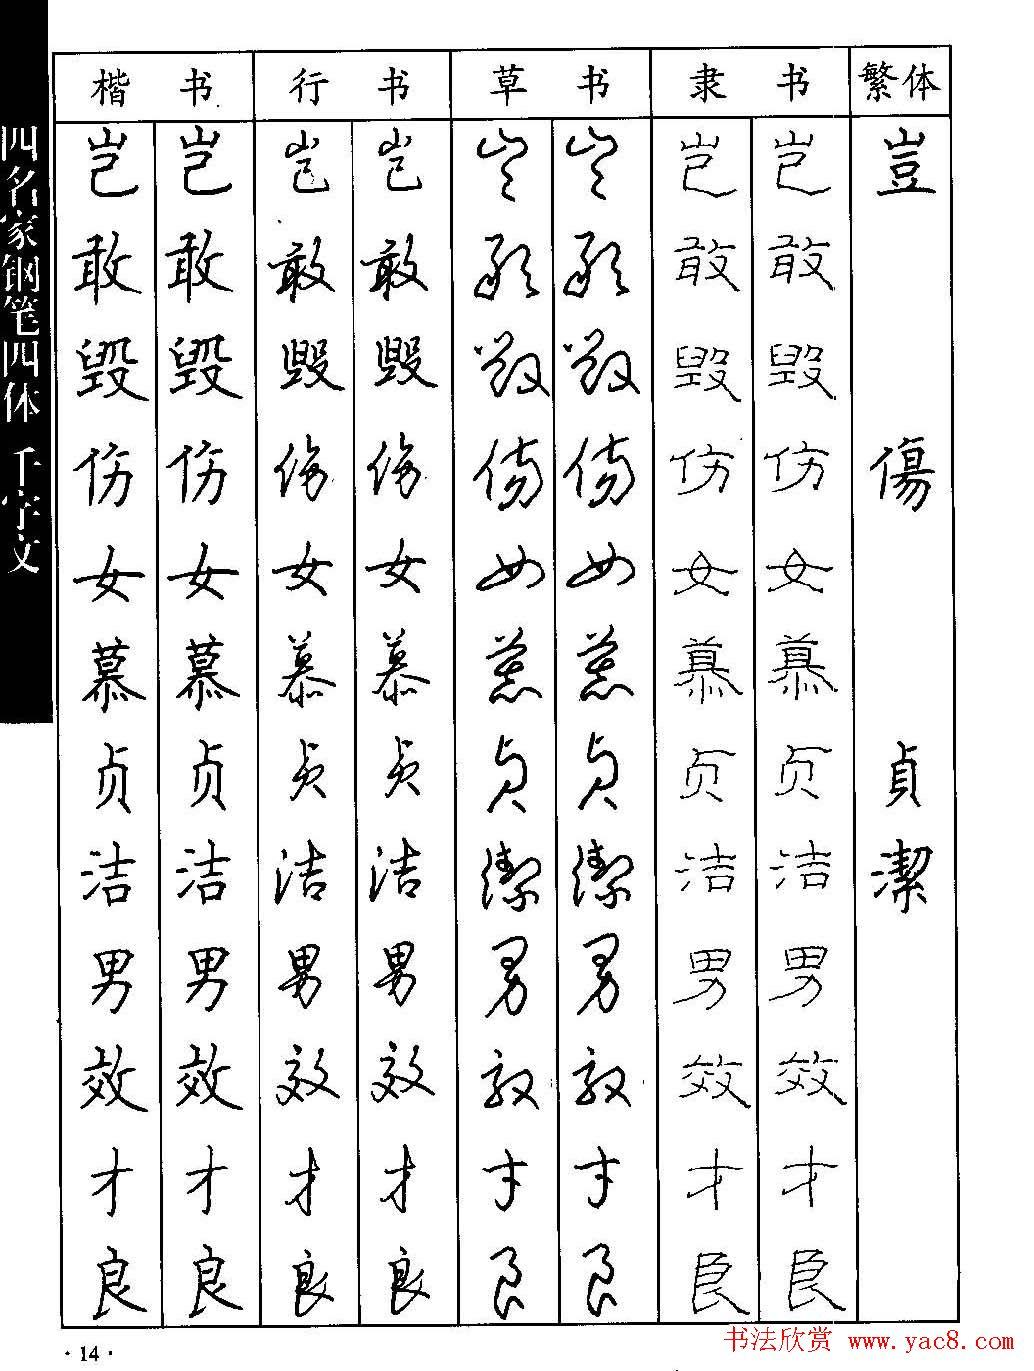 名家钢笔楷行草隶四体千字文字帖 第14页 钢笔字帖 书法欣赏图片